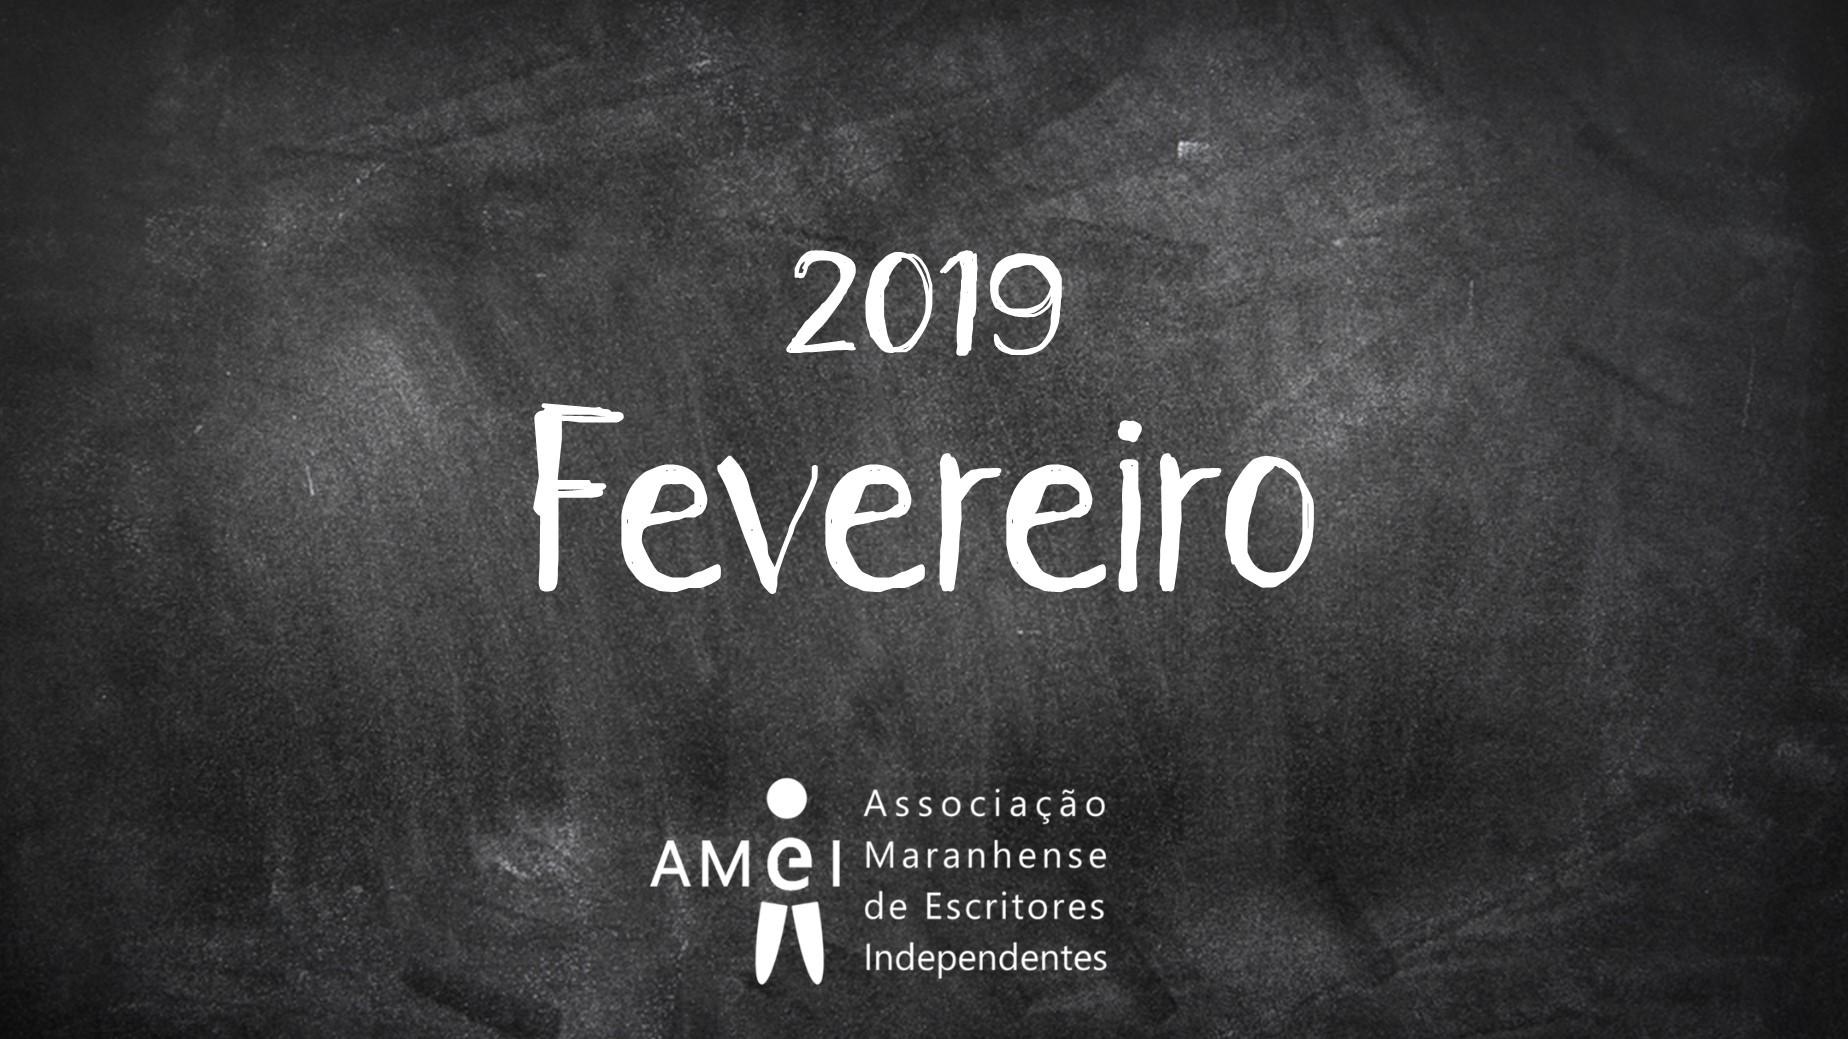 fevererio 2019.jpg